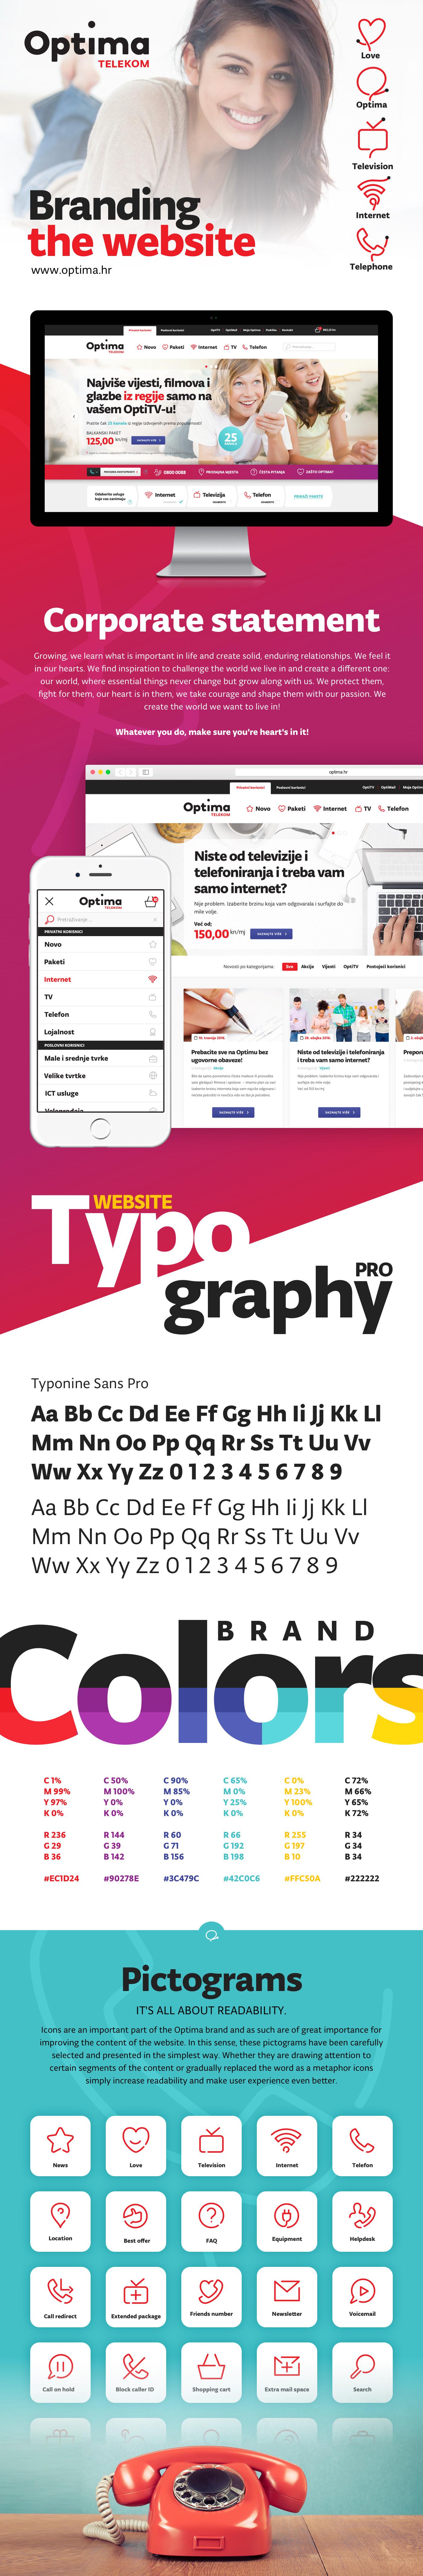 Optima branding website